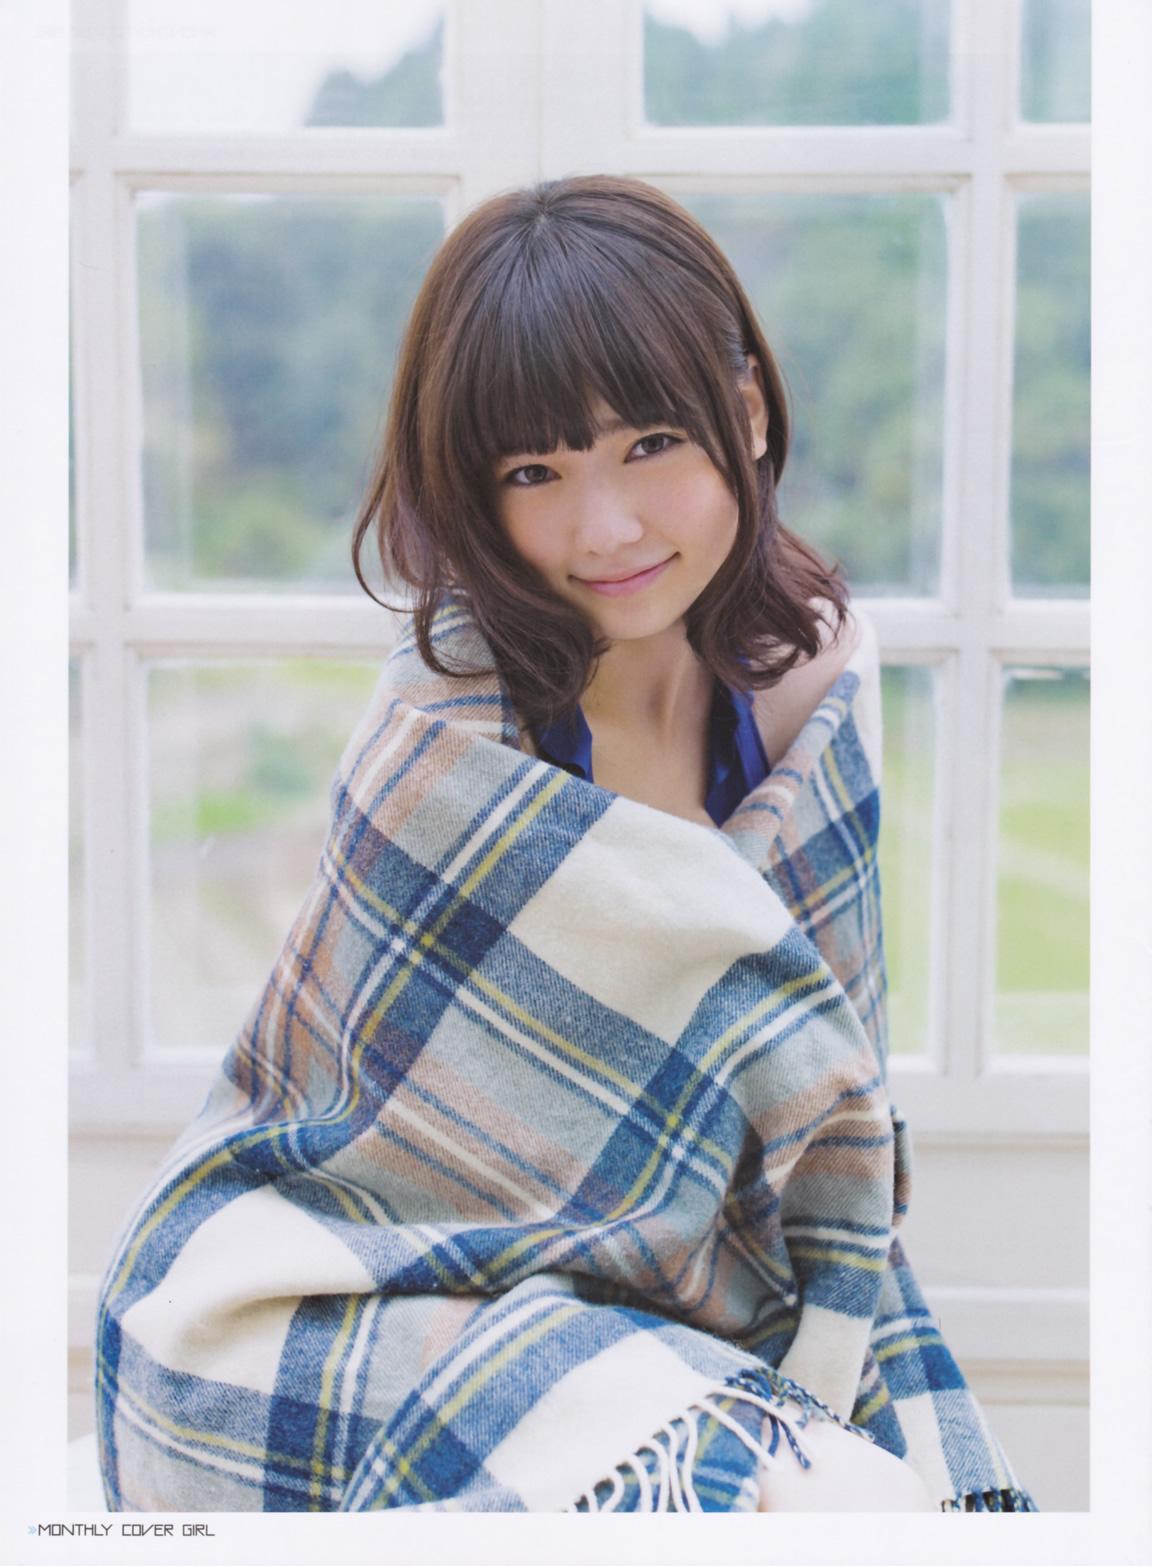 Photoshoot] Shimazaki Haruka in Young Magazine No.25 2014 ...